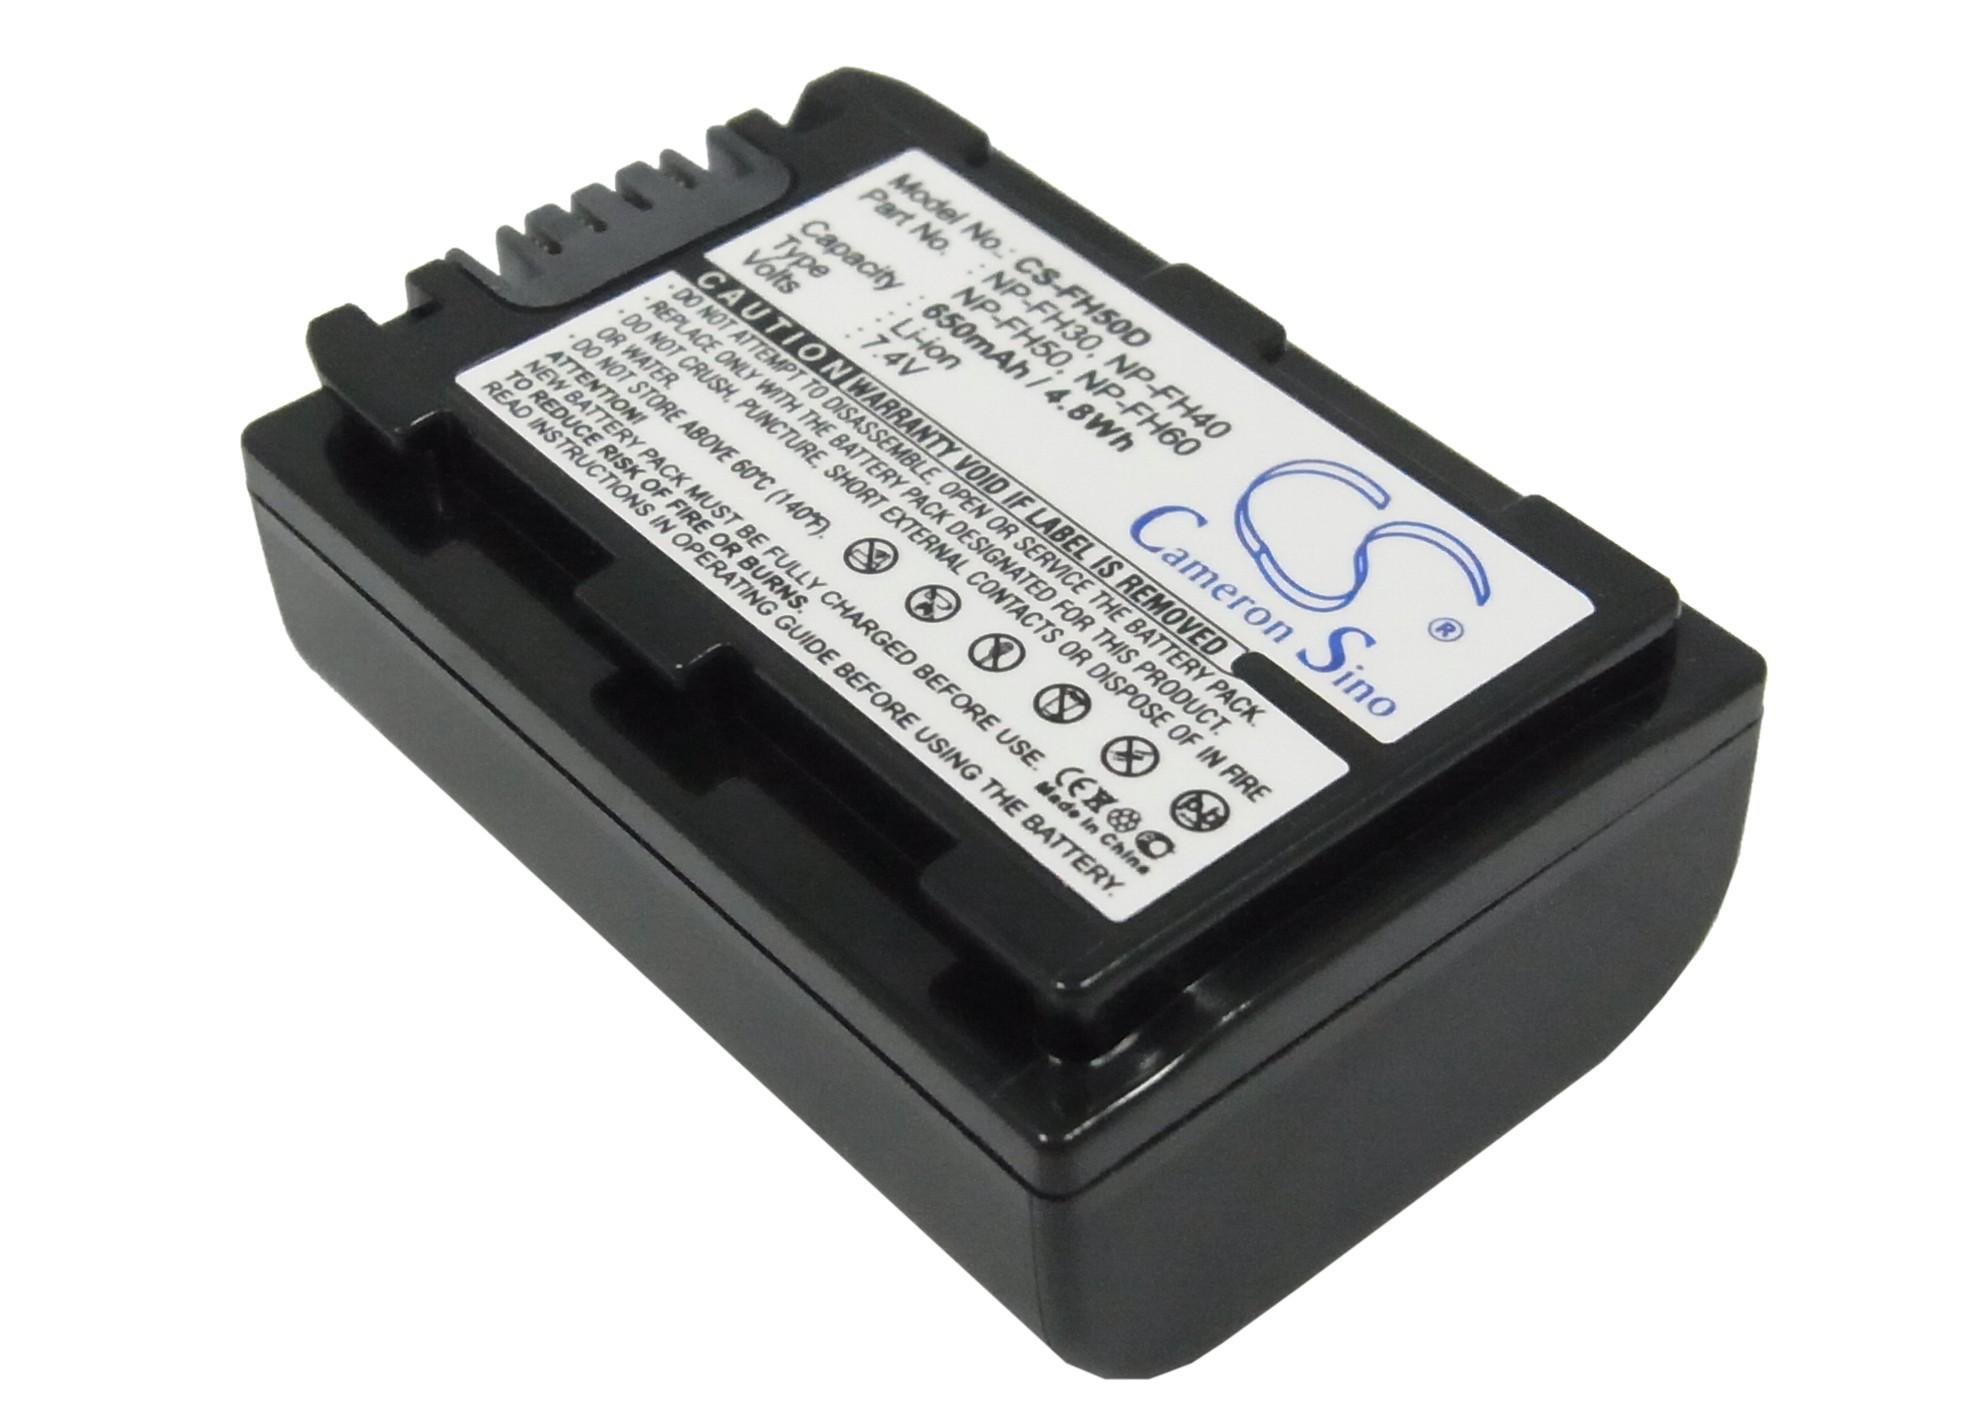 Cameron Sino baterie do kamer a fotoaparátů pro SONY HDR-UX20/E 7.4V Li-ion 650mAh tmavě šedá - neoriginální